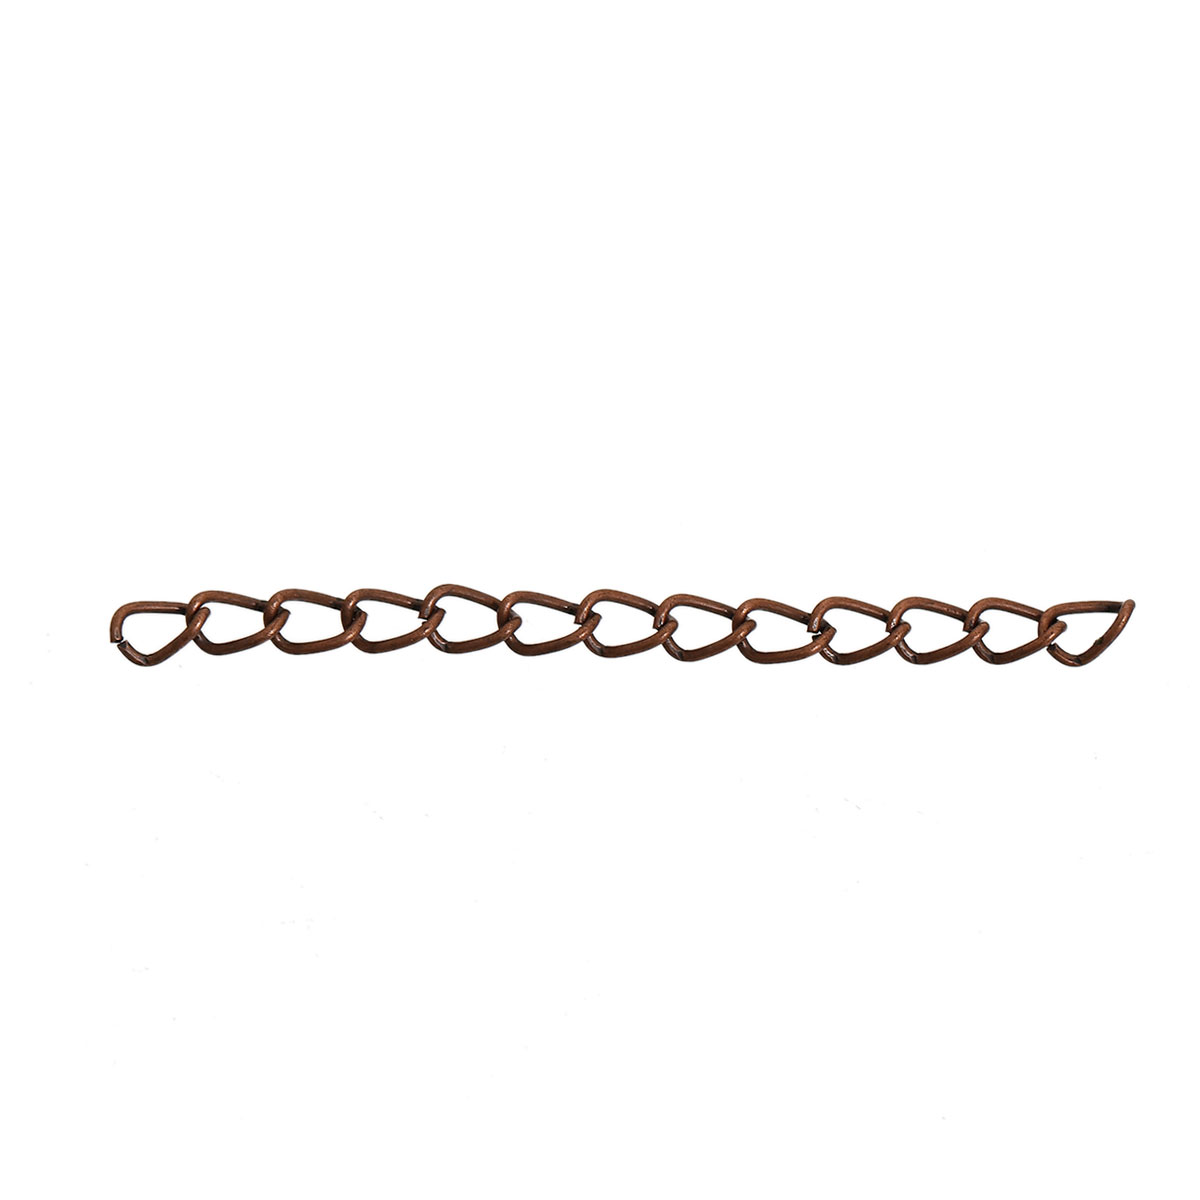 Lot de 20 Chaînes Extension cuivrées mailles cheval pour Collier ou Bracelet